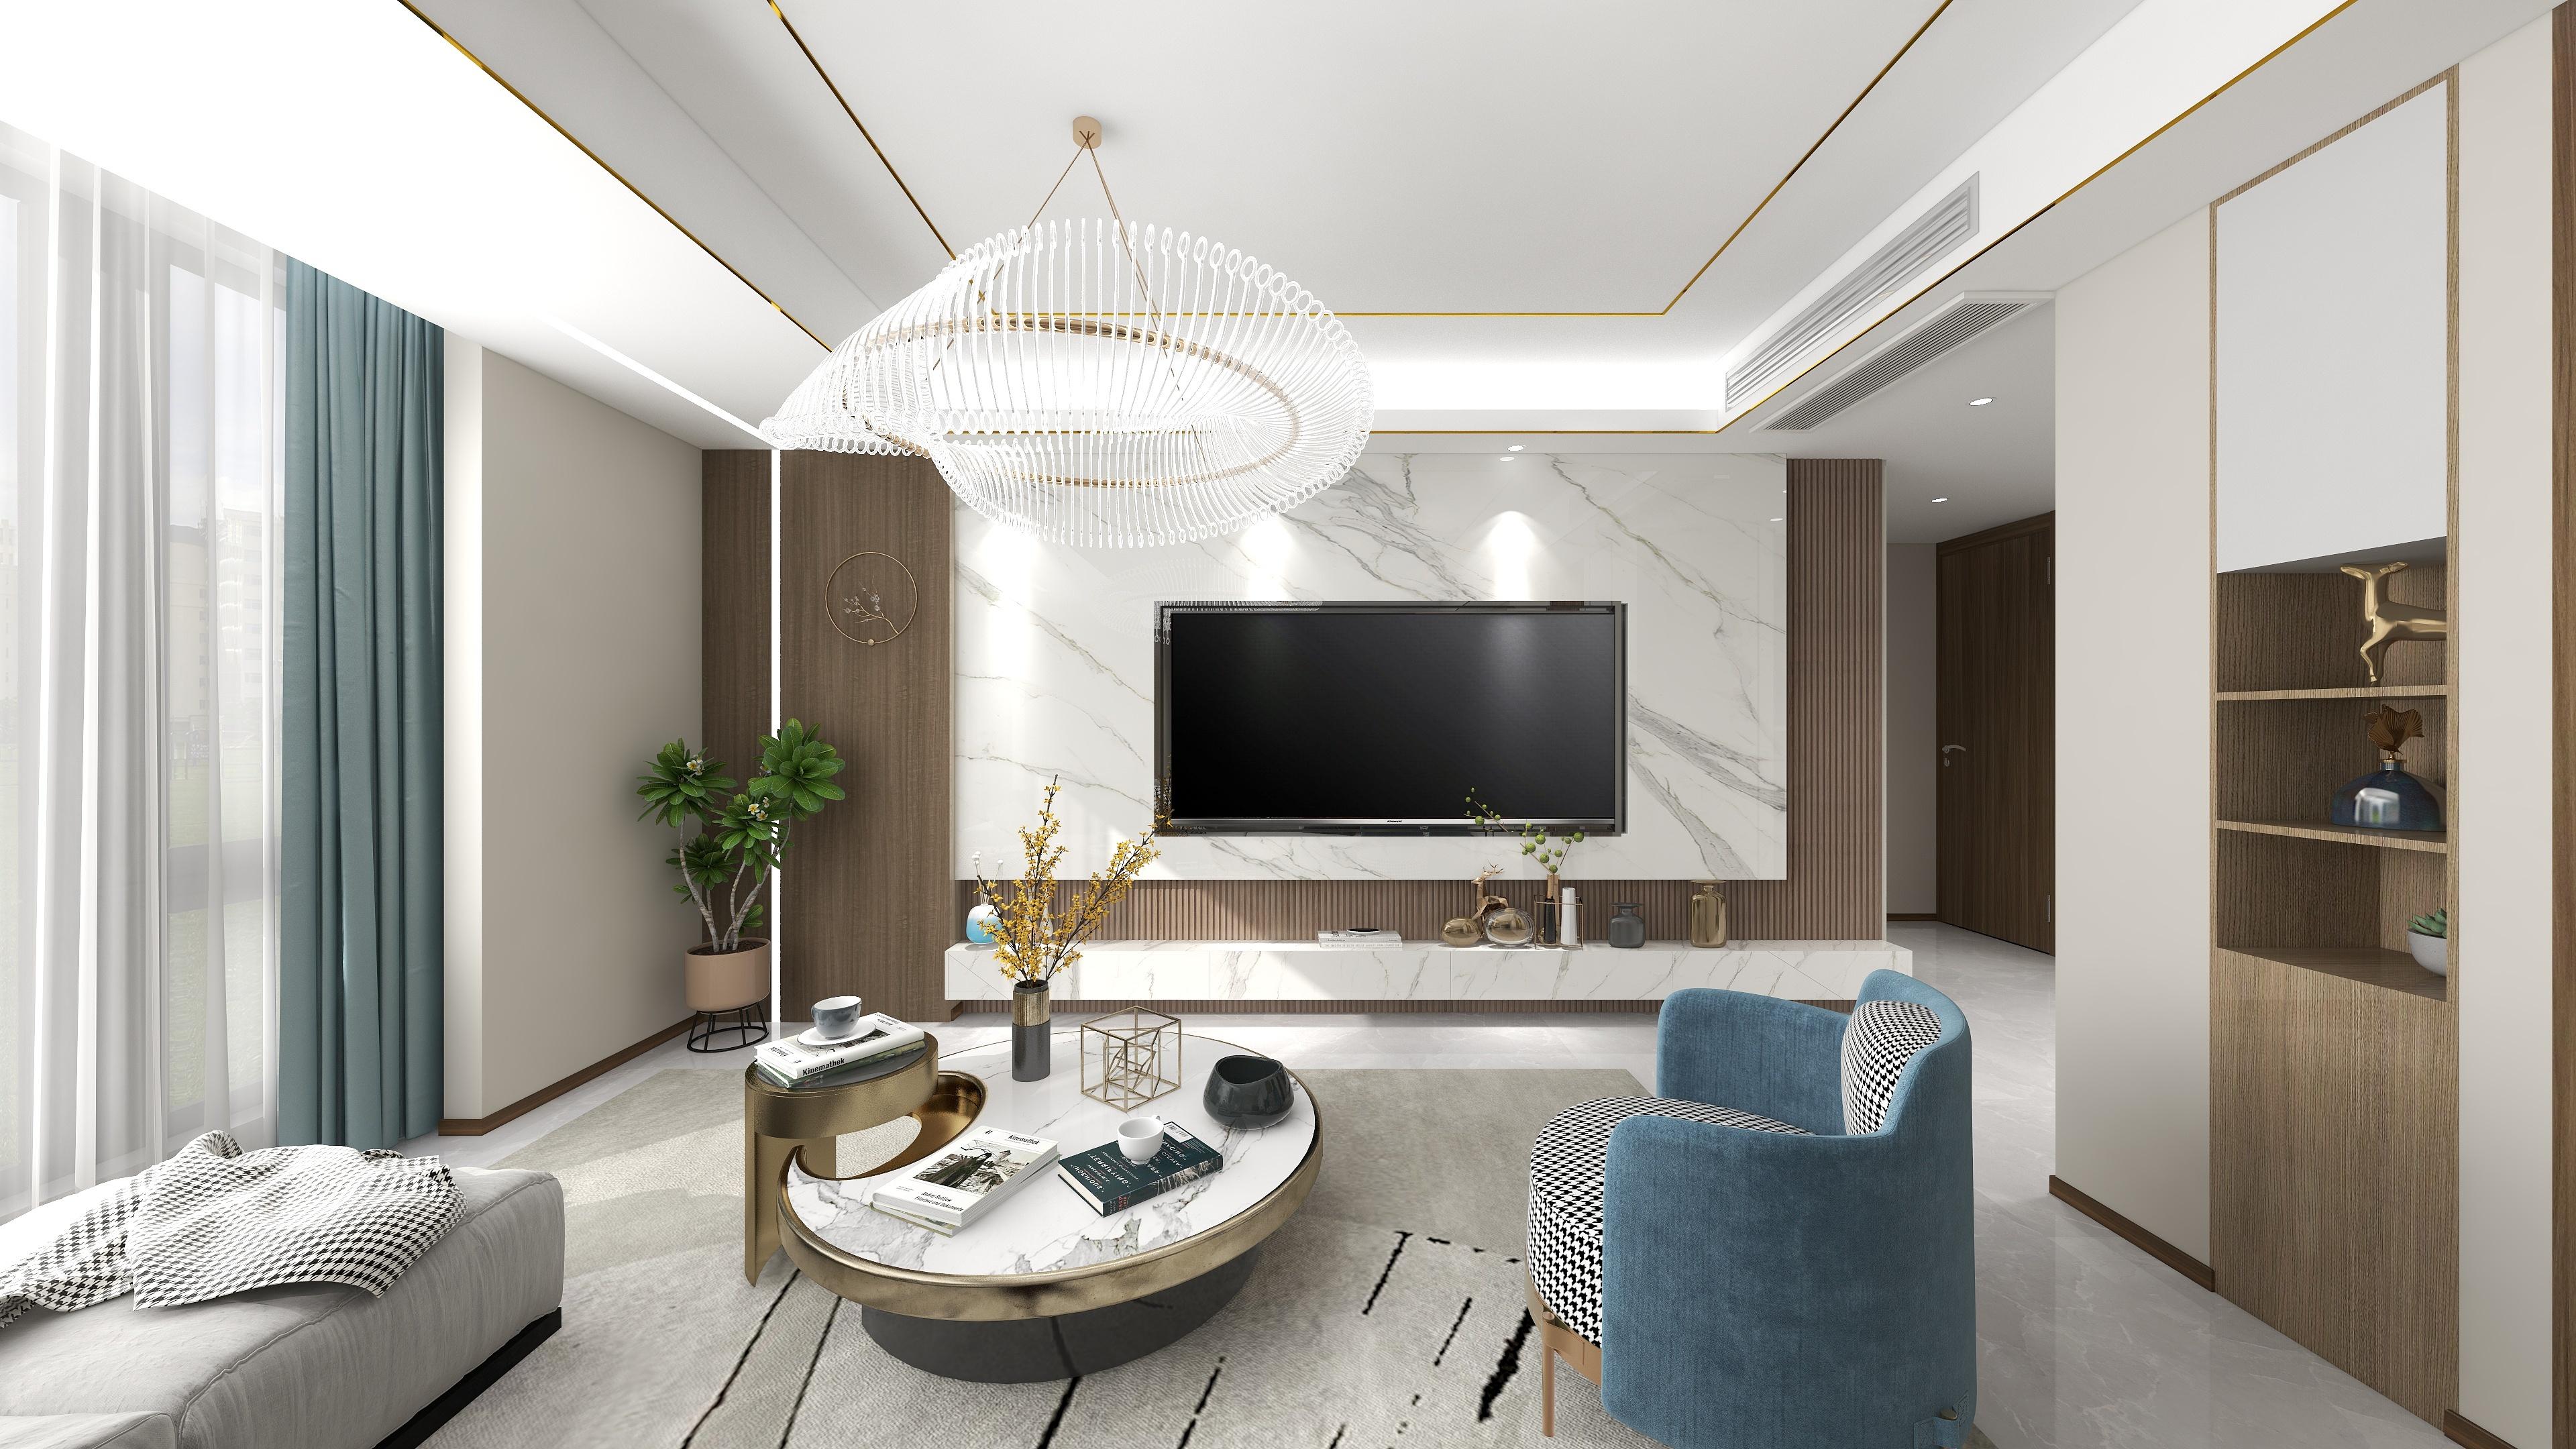 天瀾灣-現代輕奢-142㎡-四室兩廳